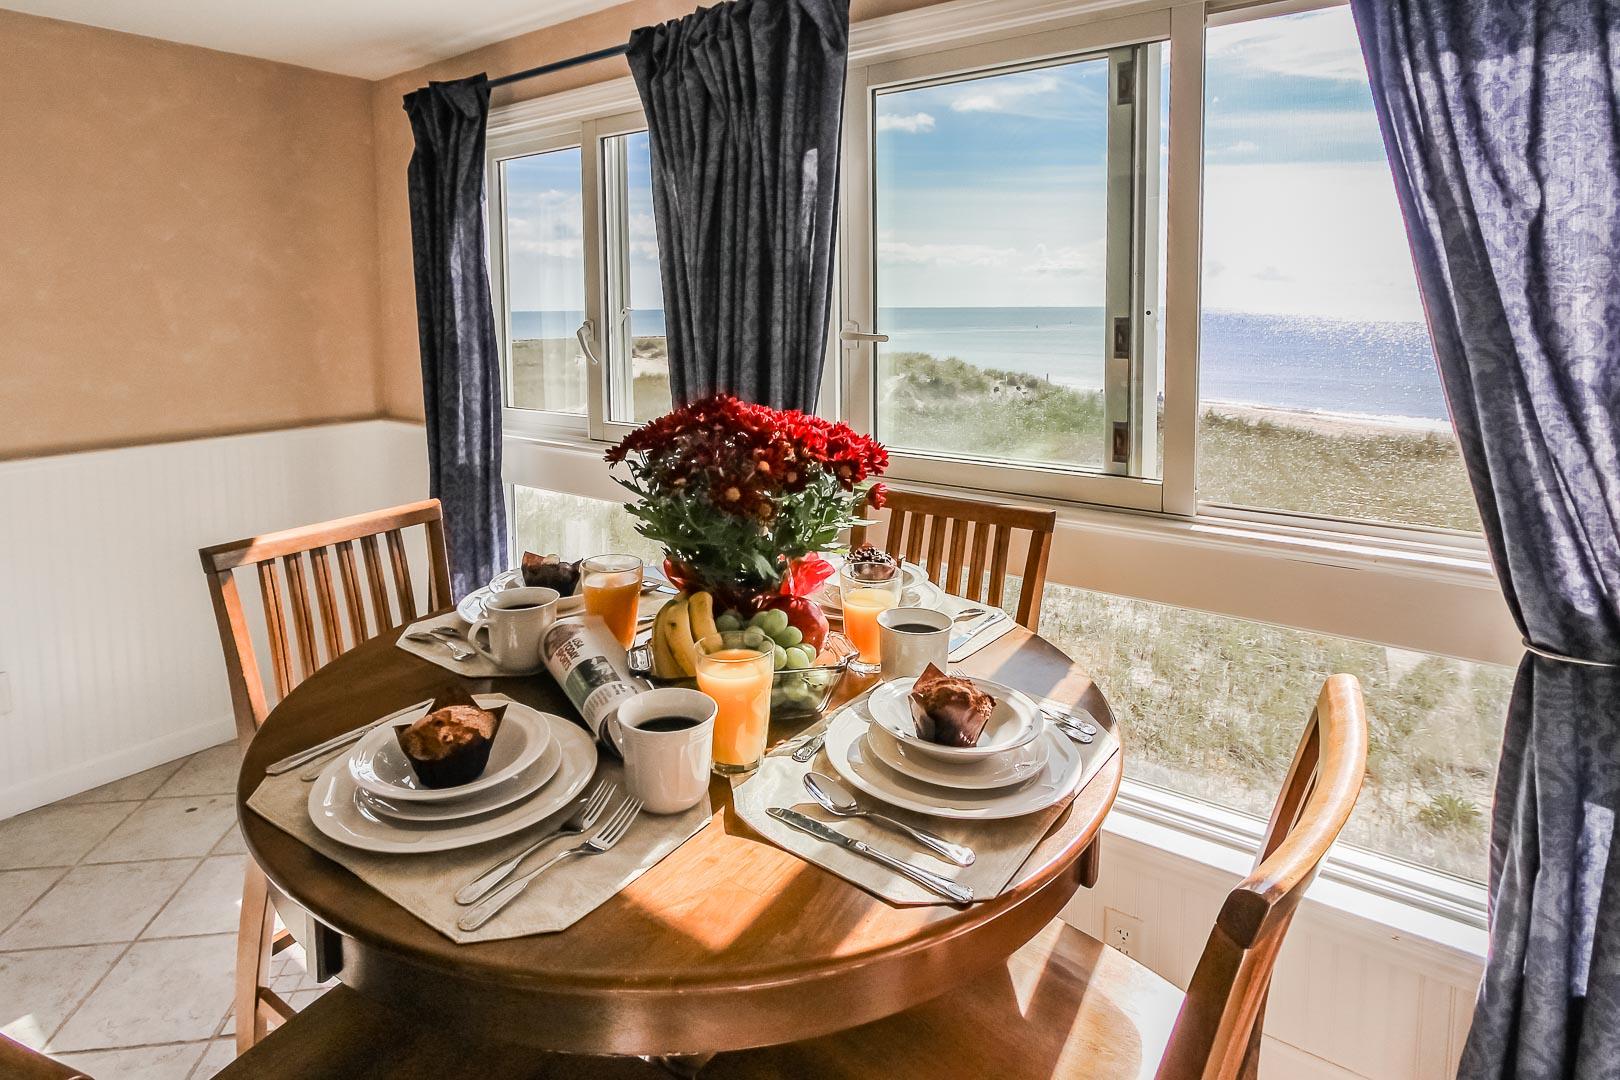 A scenic balcony view of VRI's Edgewater Beach Resort in Massachusetts.